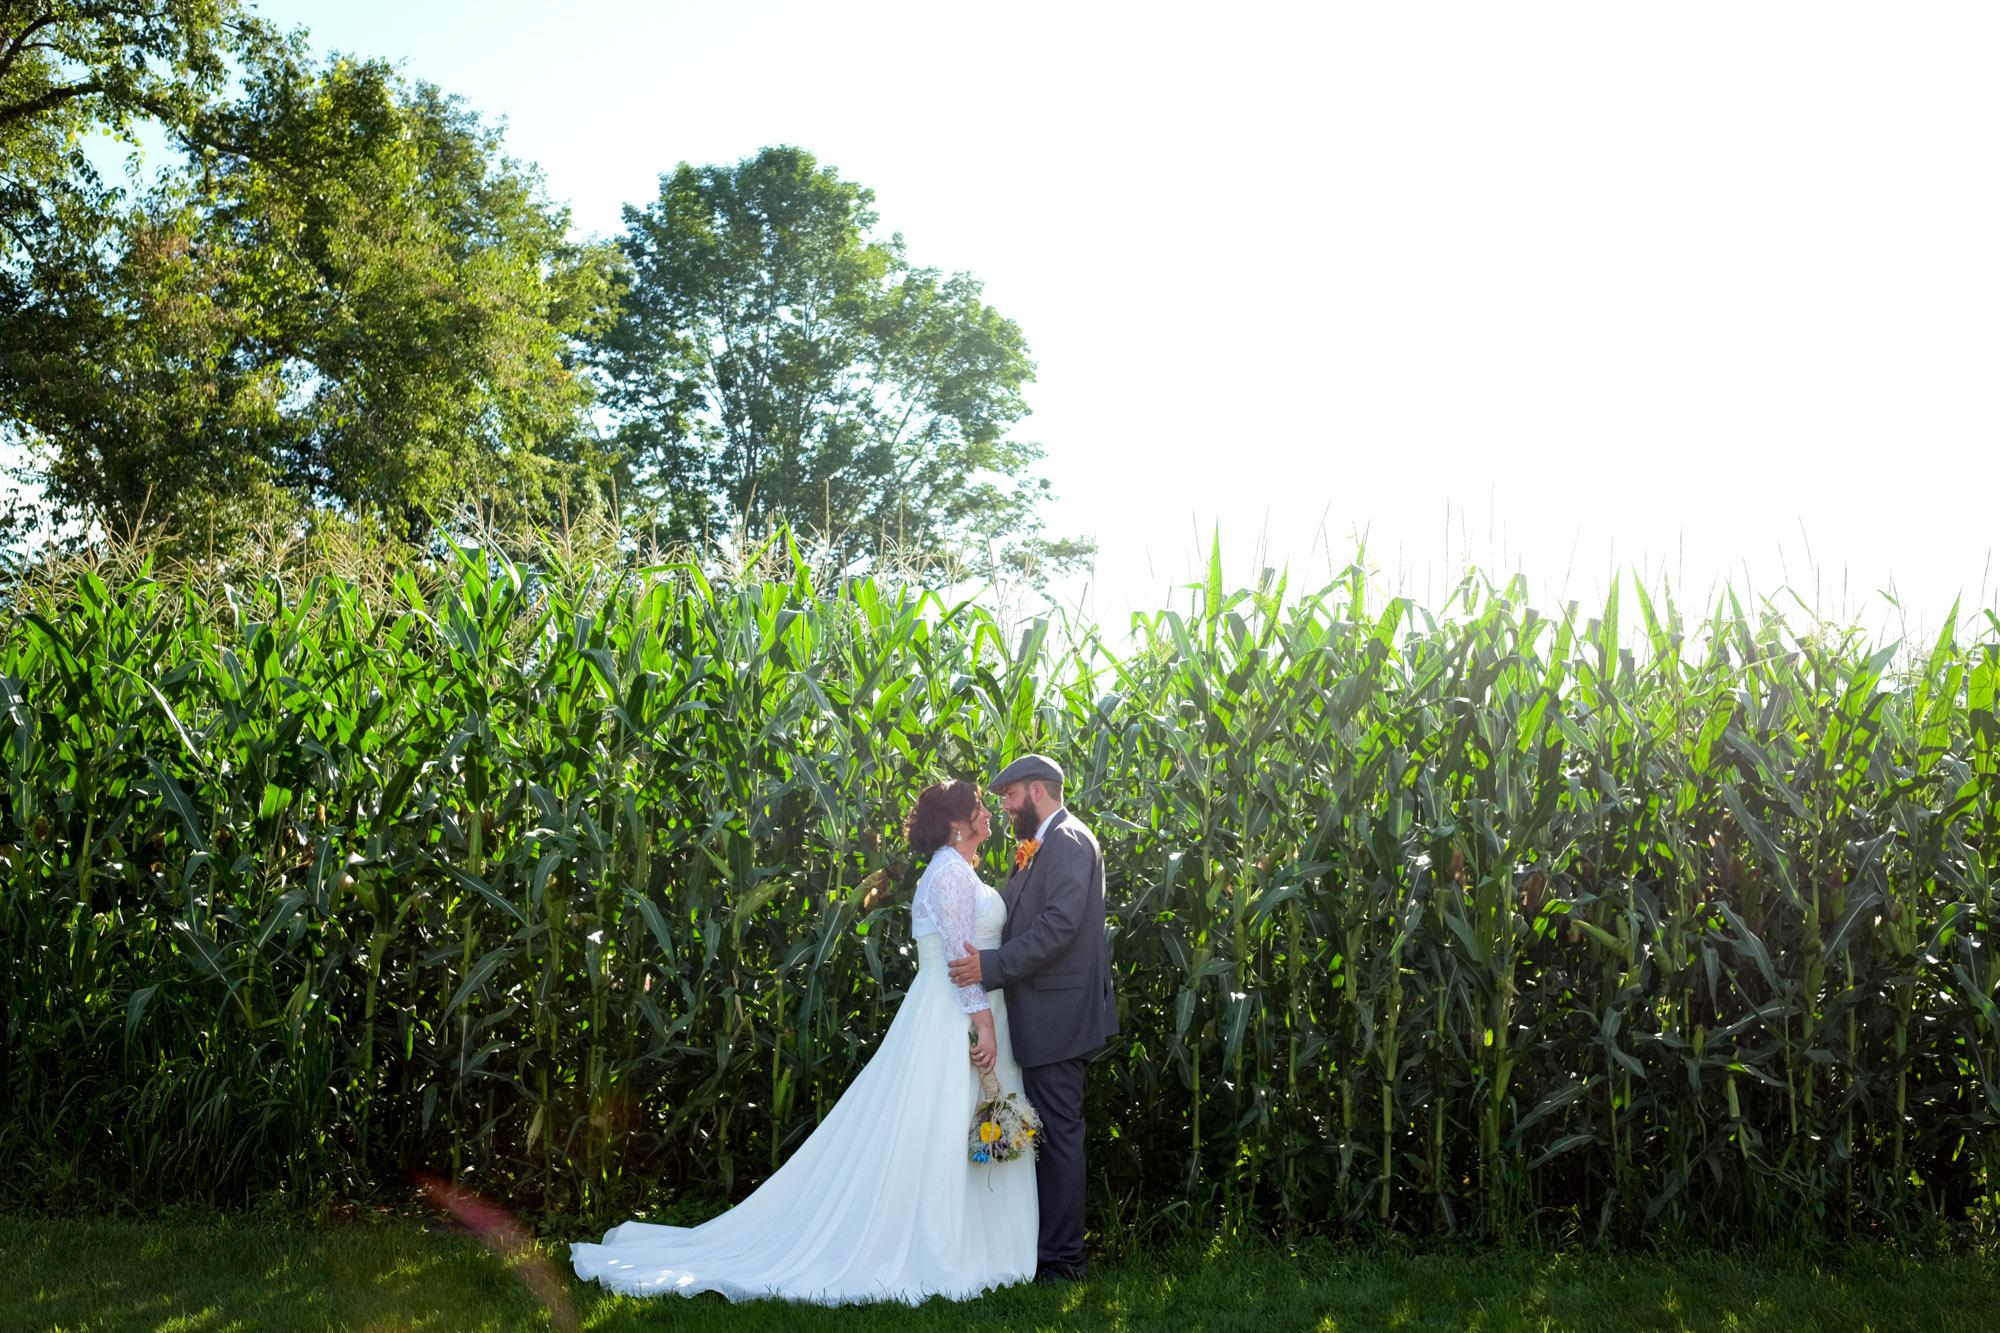 Shawn & Danielle Hot Air Balloon Wedding 11